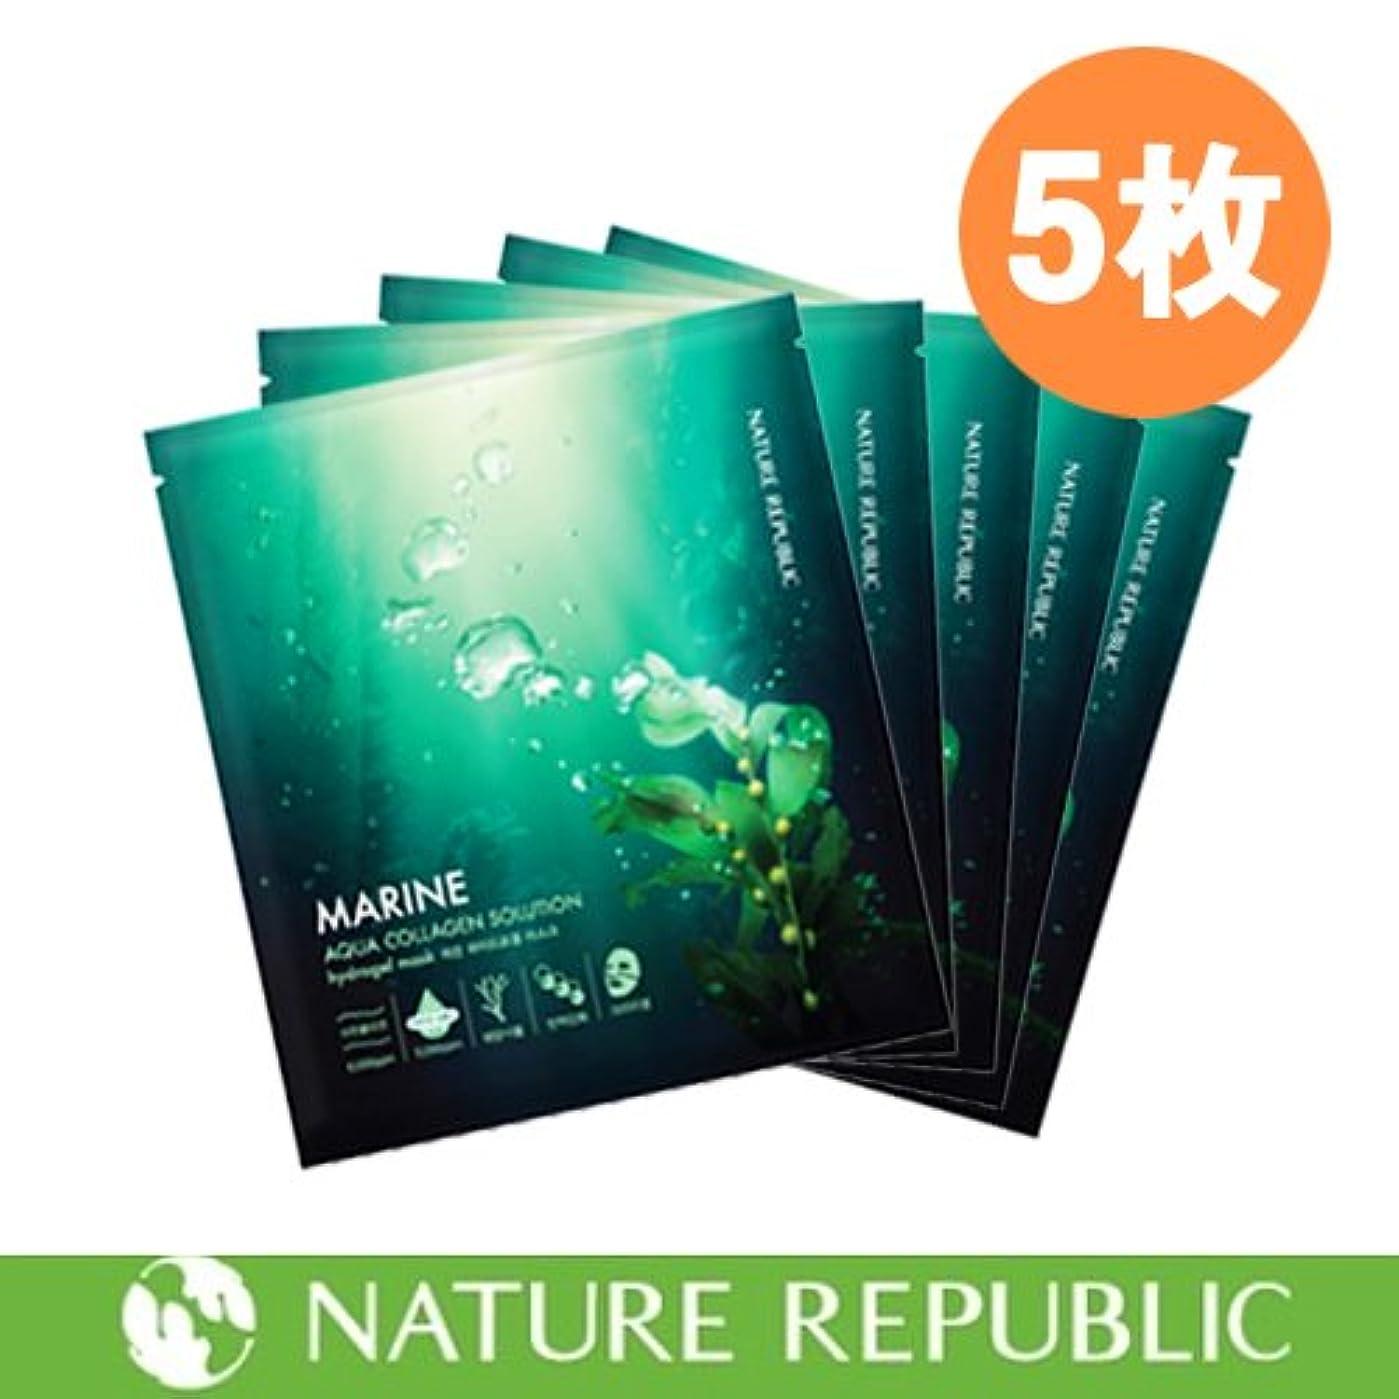 収益飢えた水星NATURE REPUBLIC(ネイチャーリパブリック) Aqua Collagen アクアコラーゲンソリューション マリン ハイドロ ゲル マスク 5枚セット[海外直送品]